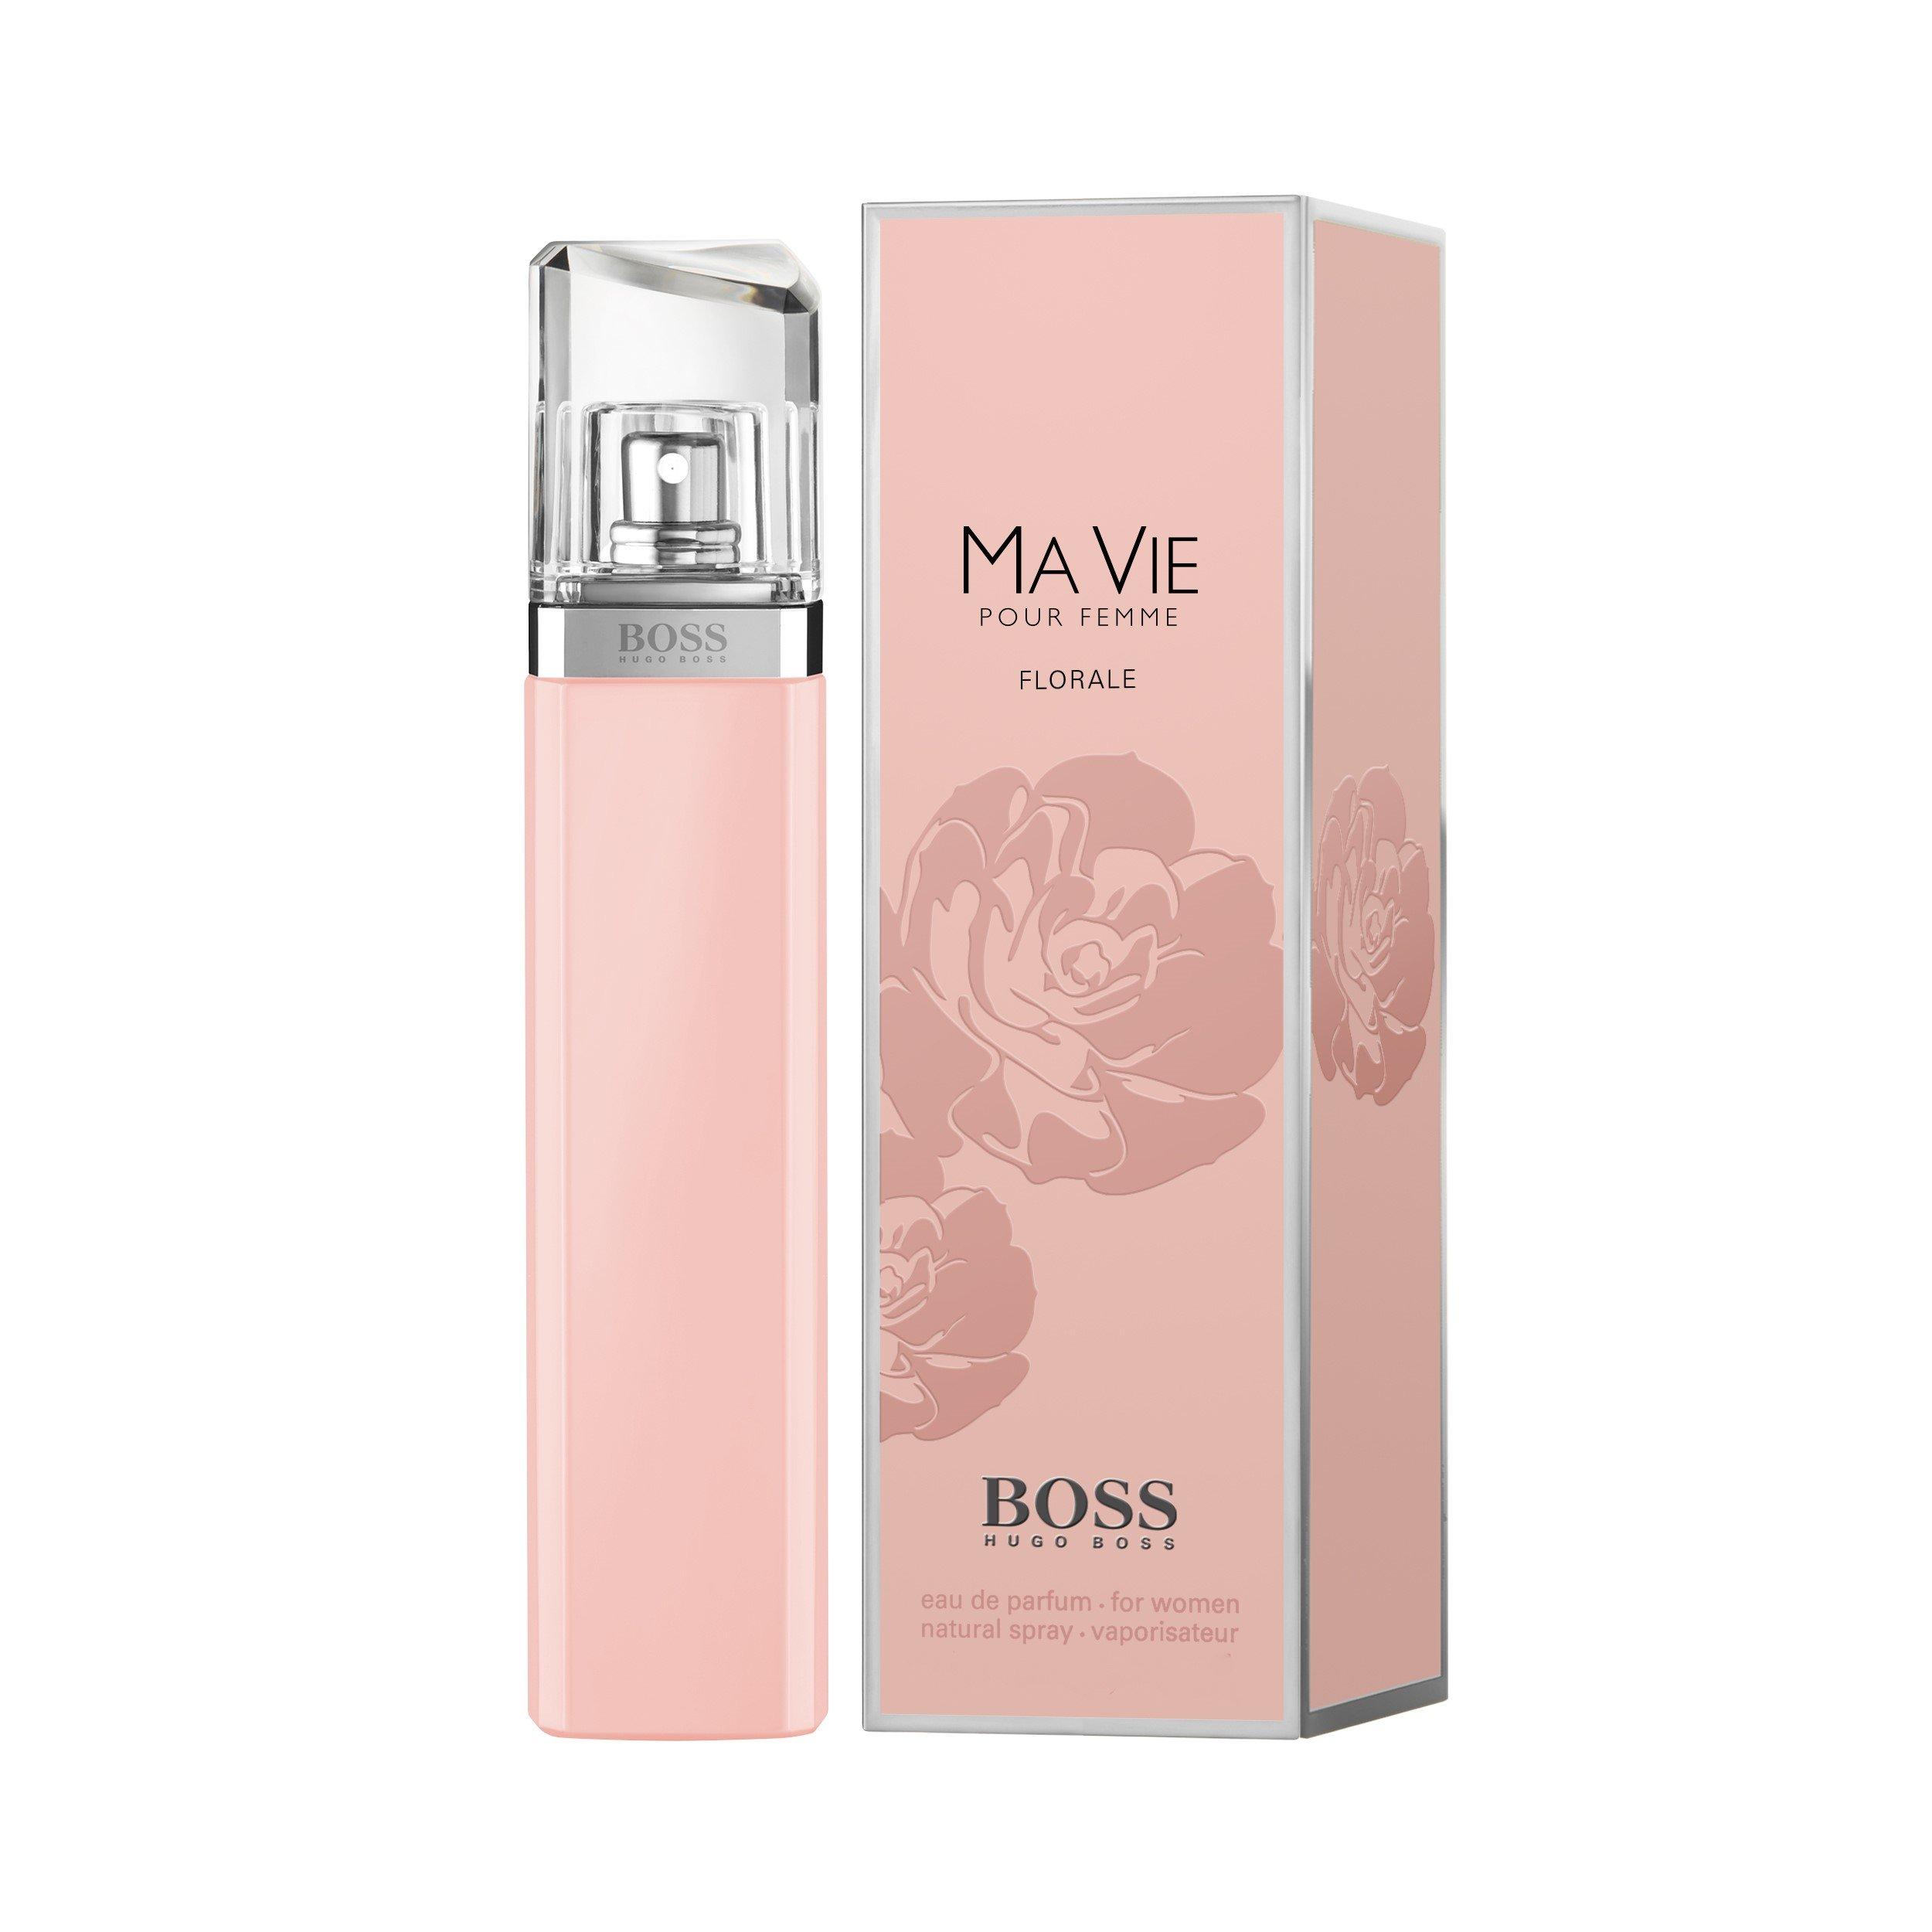 Boss Ma Vie Pour Femme Florale edp